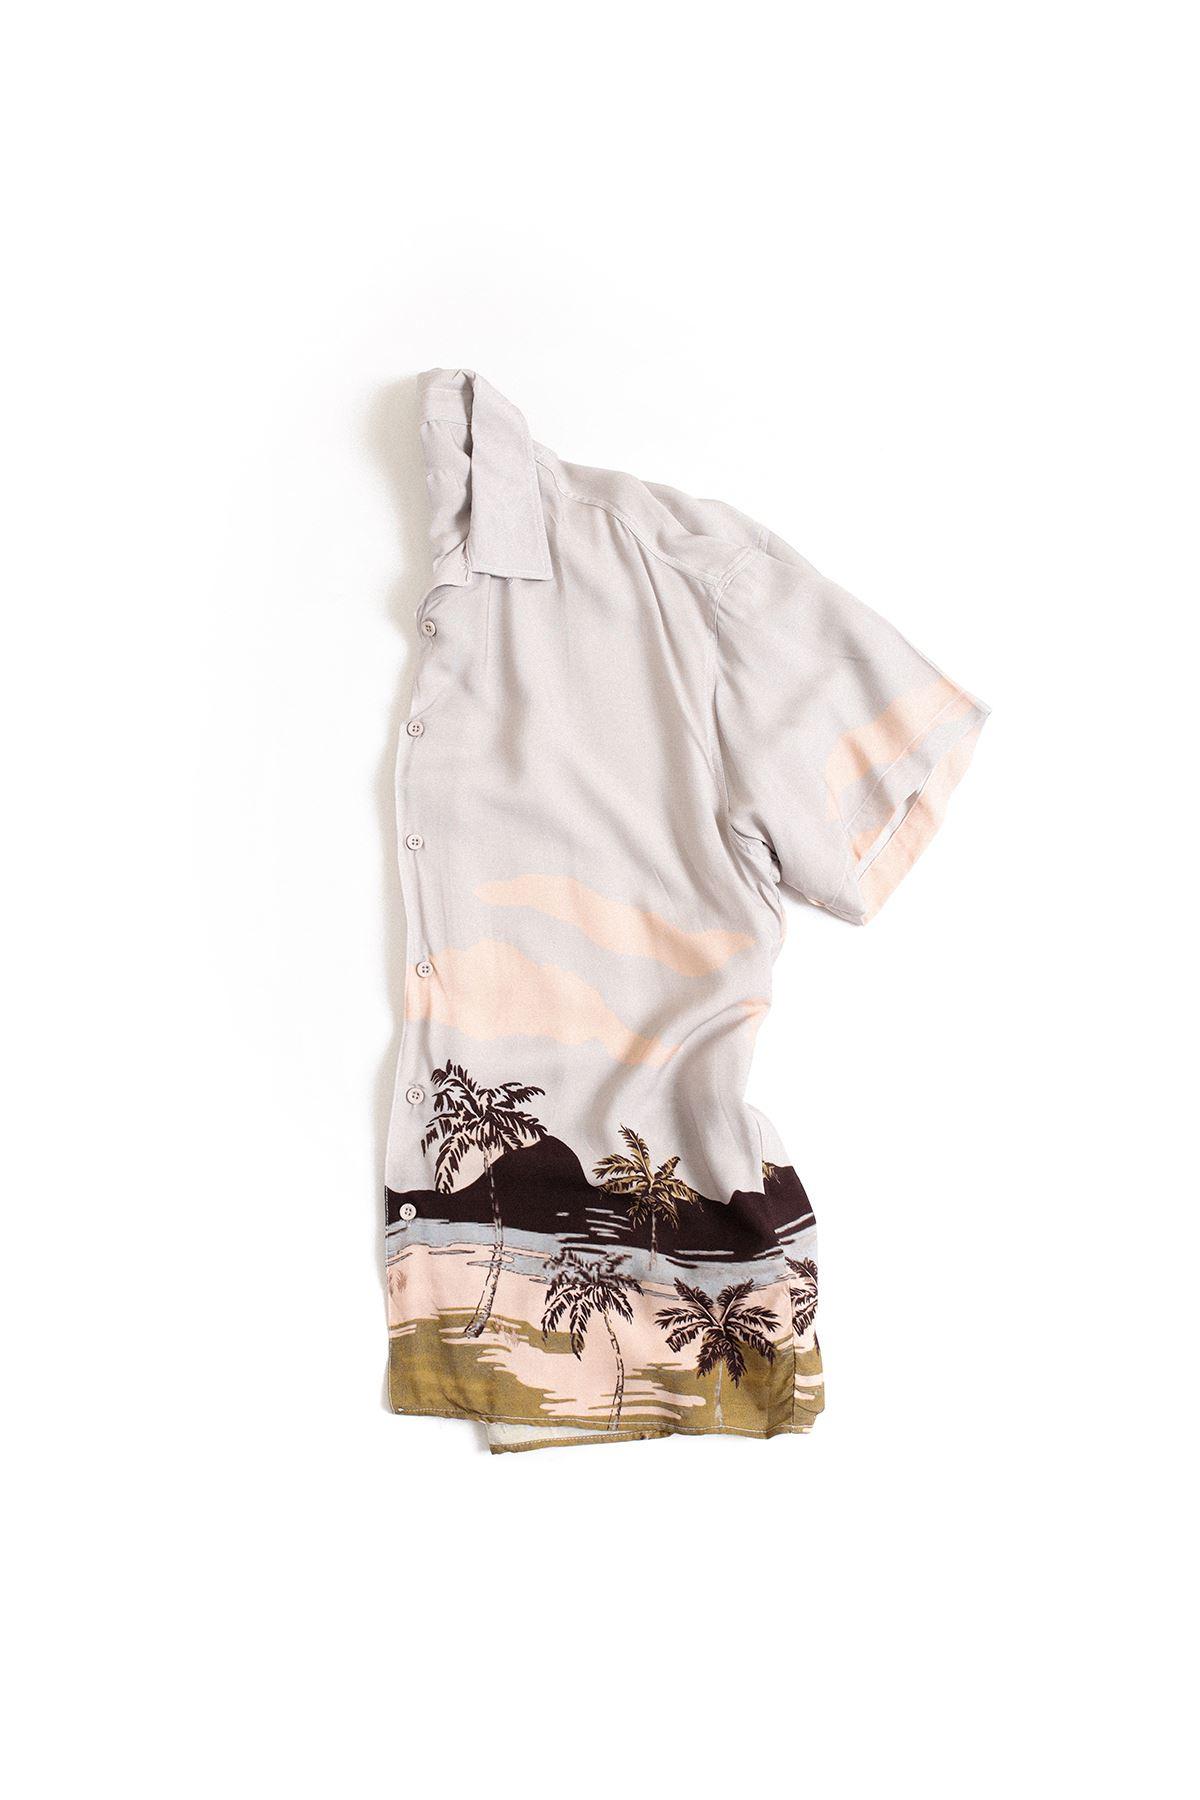 Gri Palmiye Desenli Transfer Baskılı Gömlek